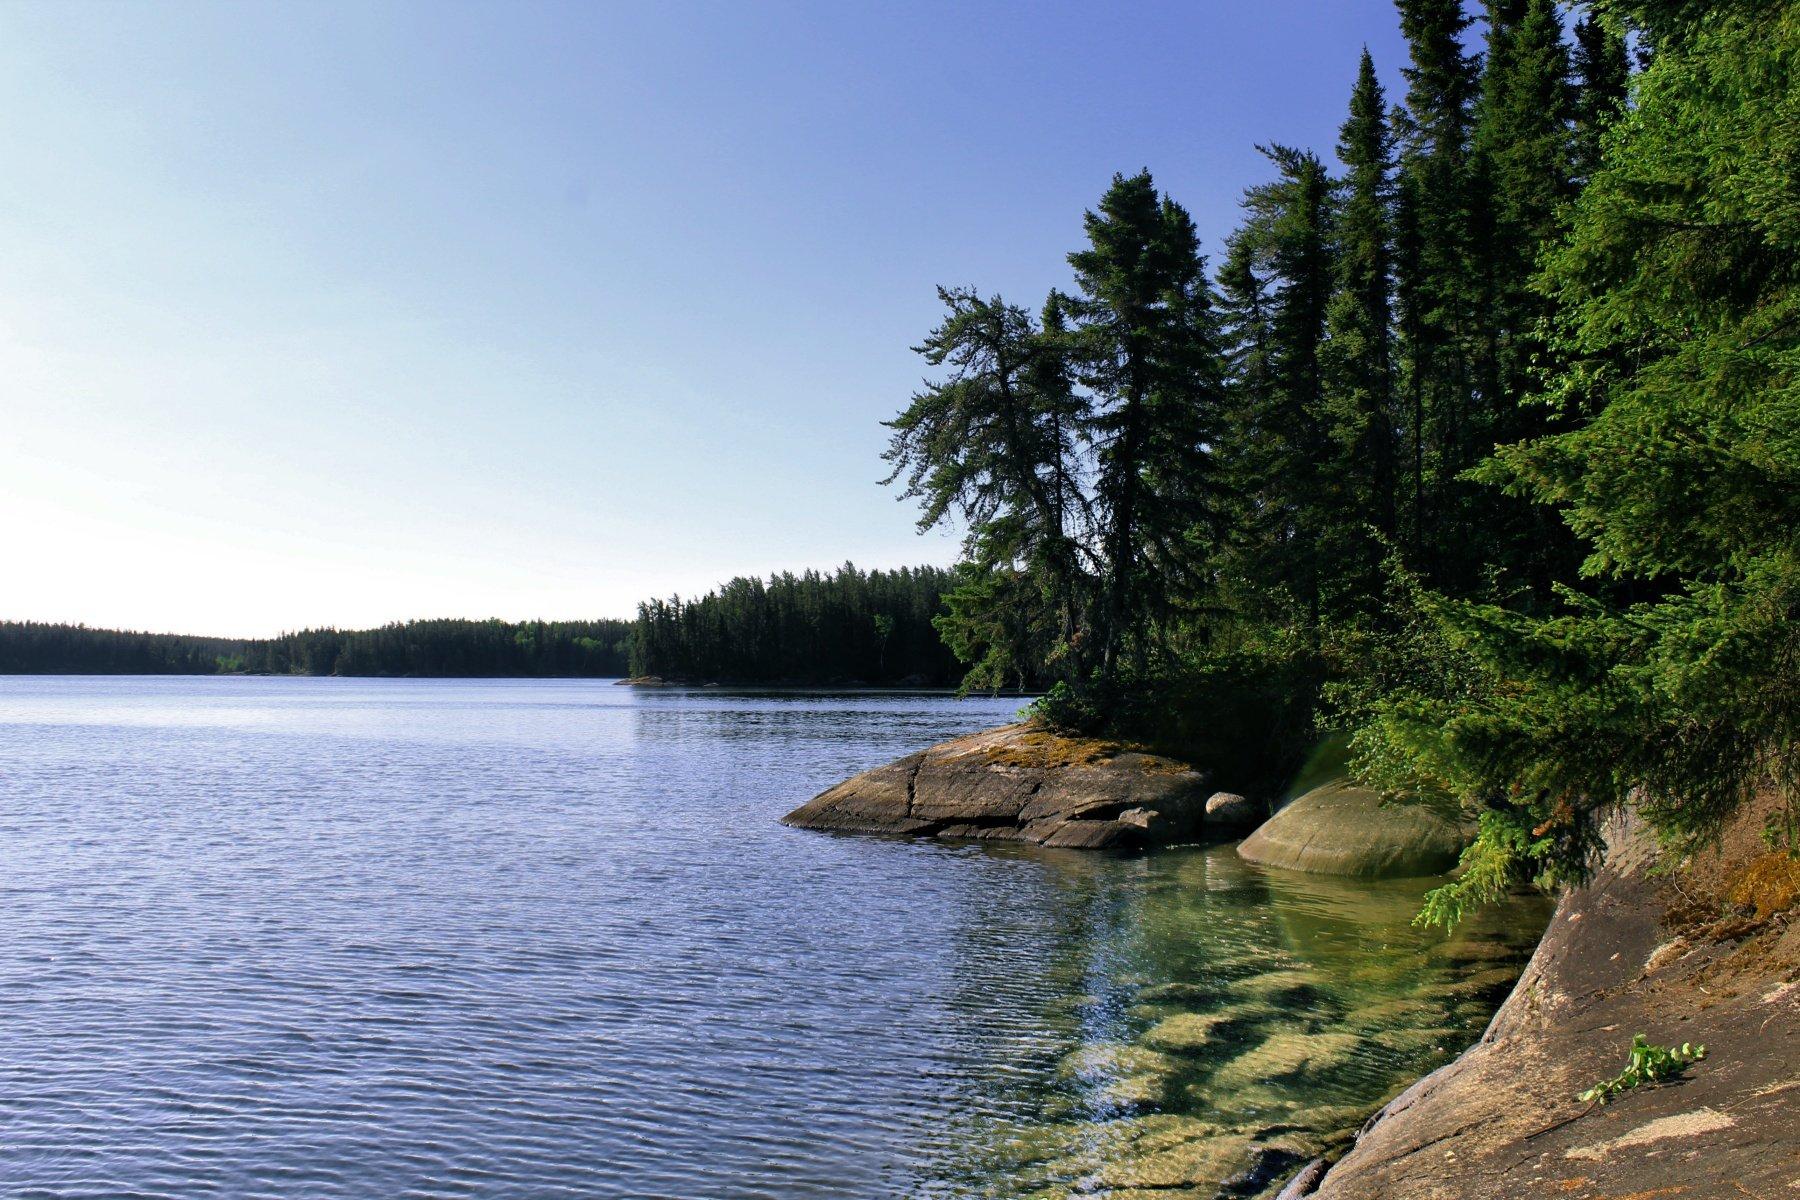 Photo of Granite taken at Knight Lake.